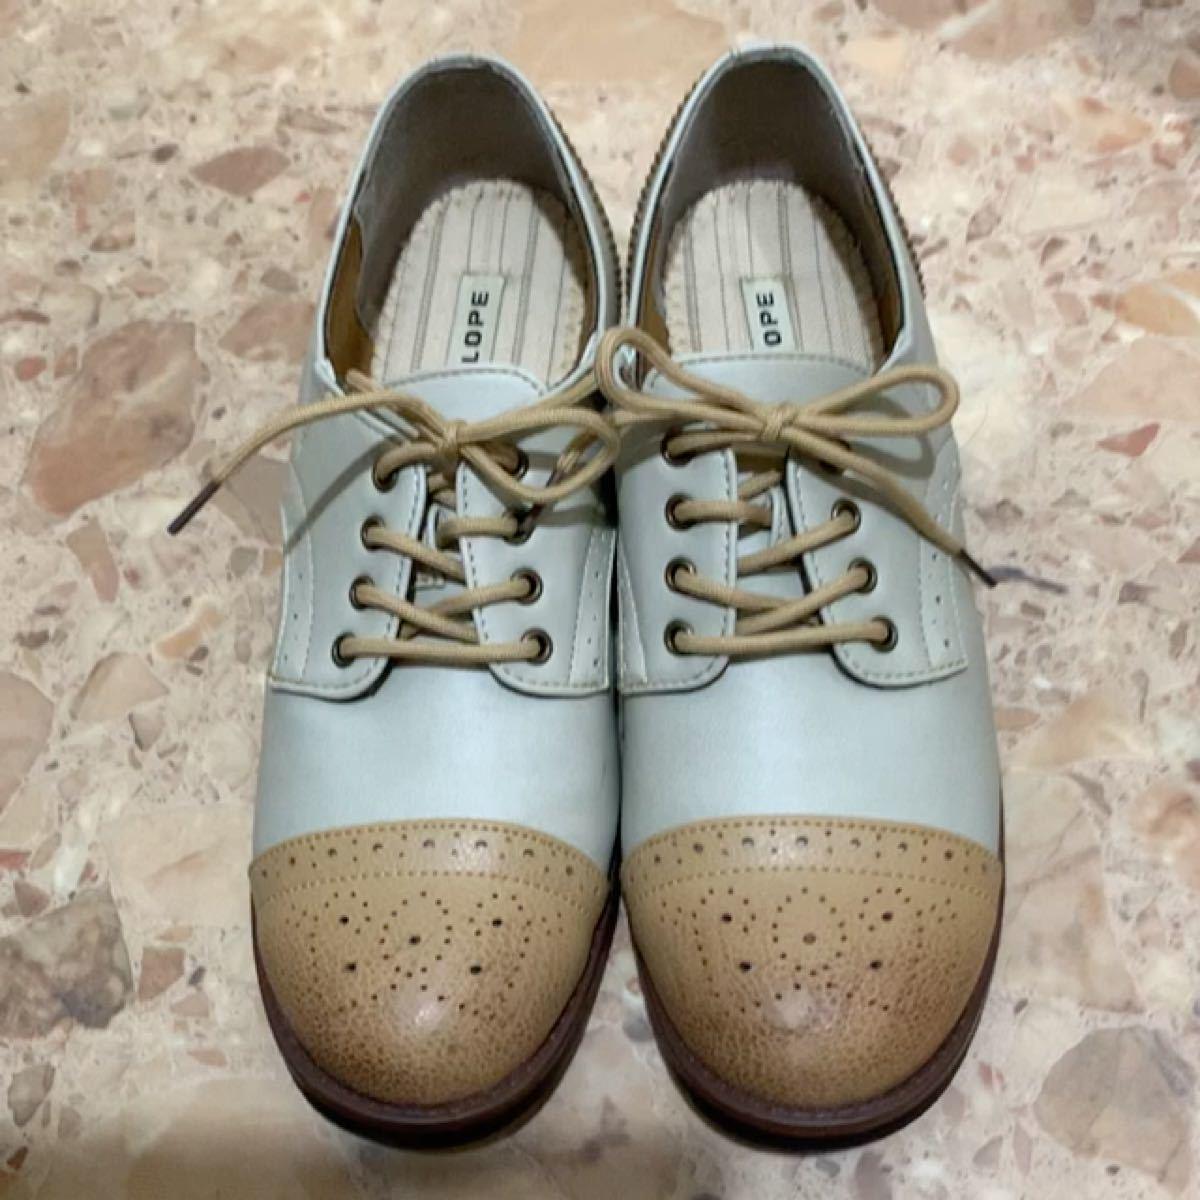 オックスフォード・シューズ シューズ 靴 レディース 紐靴 ほぼ未使用 美品 綺麗 量産 夢 Ateliers Penelope